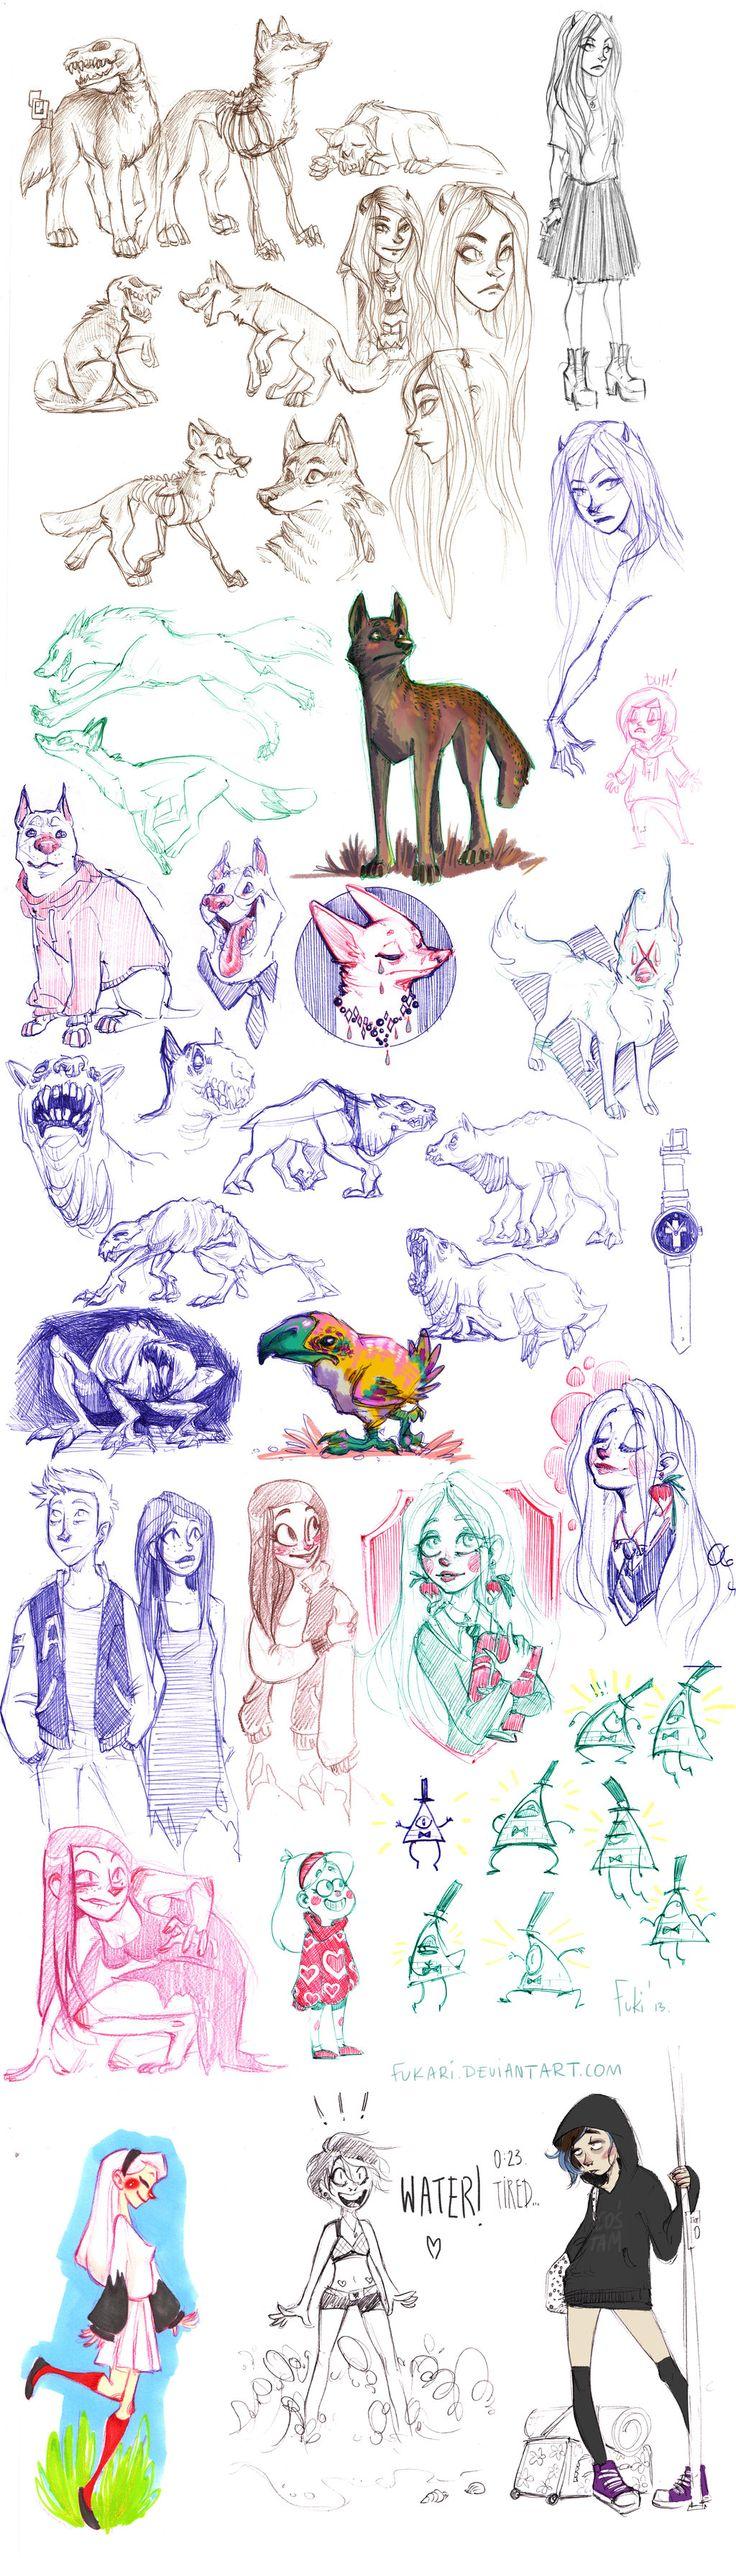 sketch dump from job by Fukari.deviantart.com on @deviantART